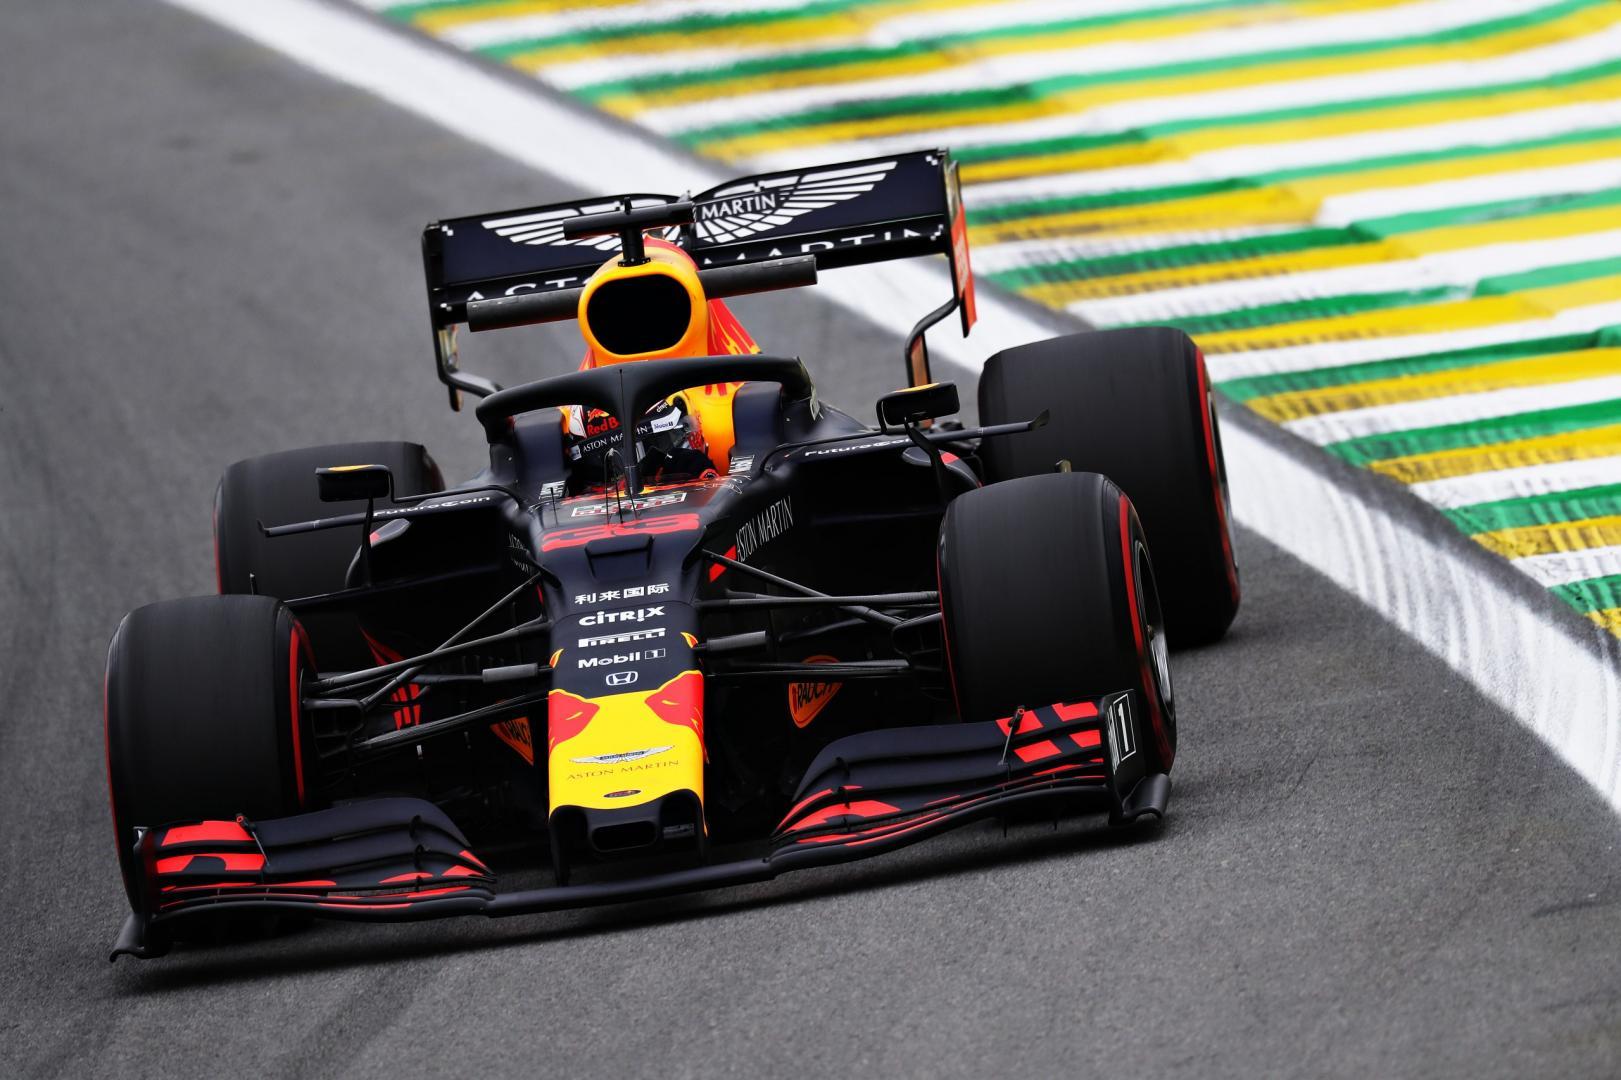 Max Verstappen dichtbij in bocht GP van Brazilië 2019